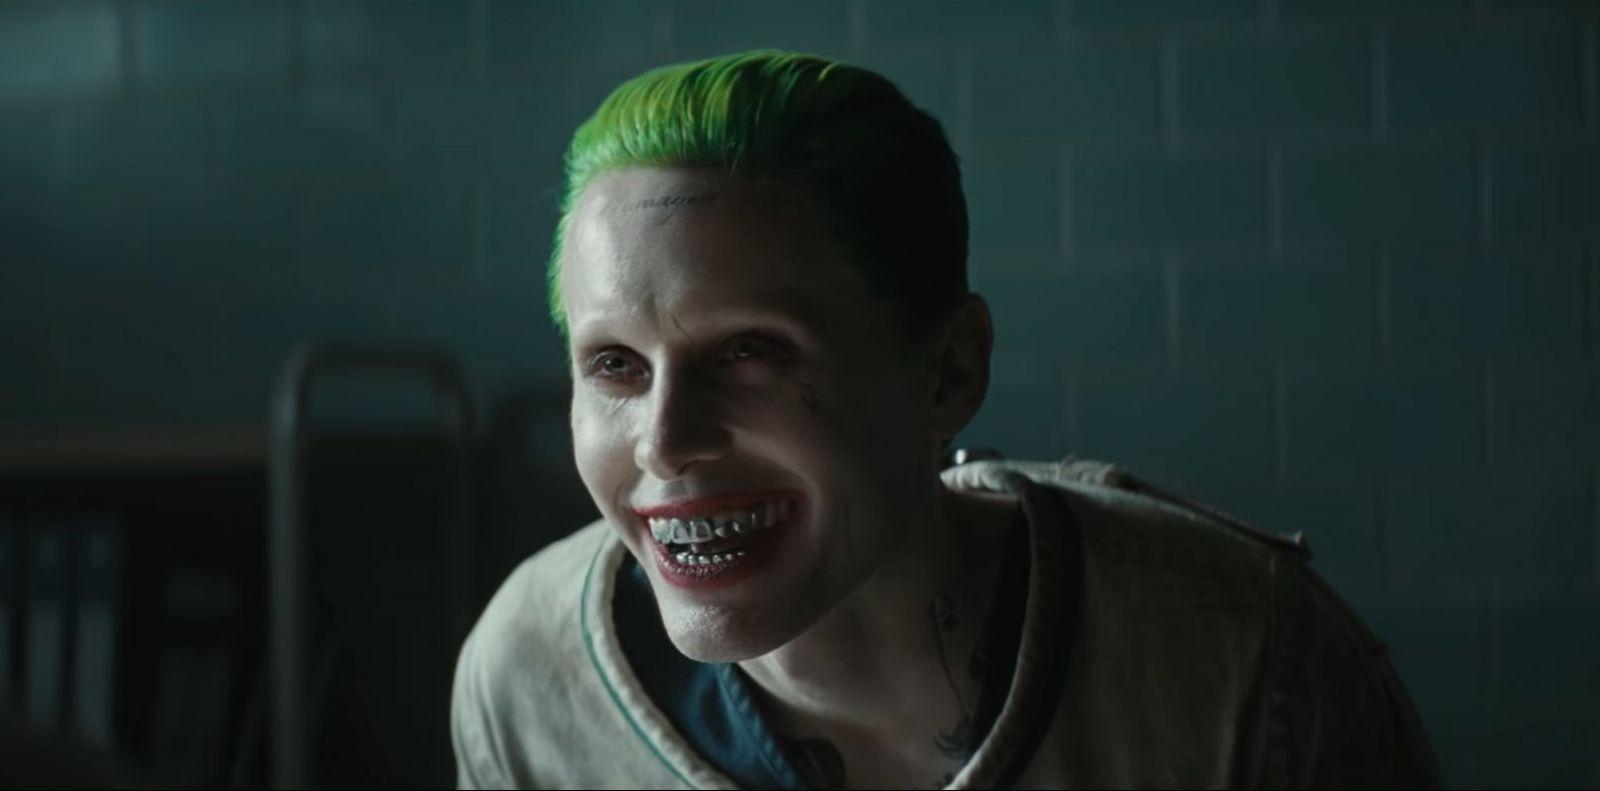 Jared Leto bol smutný keď zistil, že sa chystá film o Jokerovi, no hrať ho bude Joaquin Phoenix